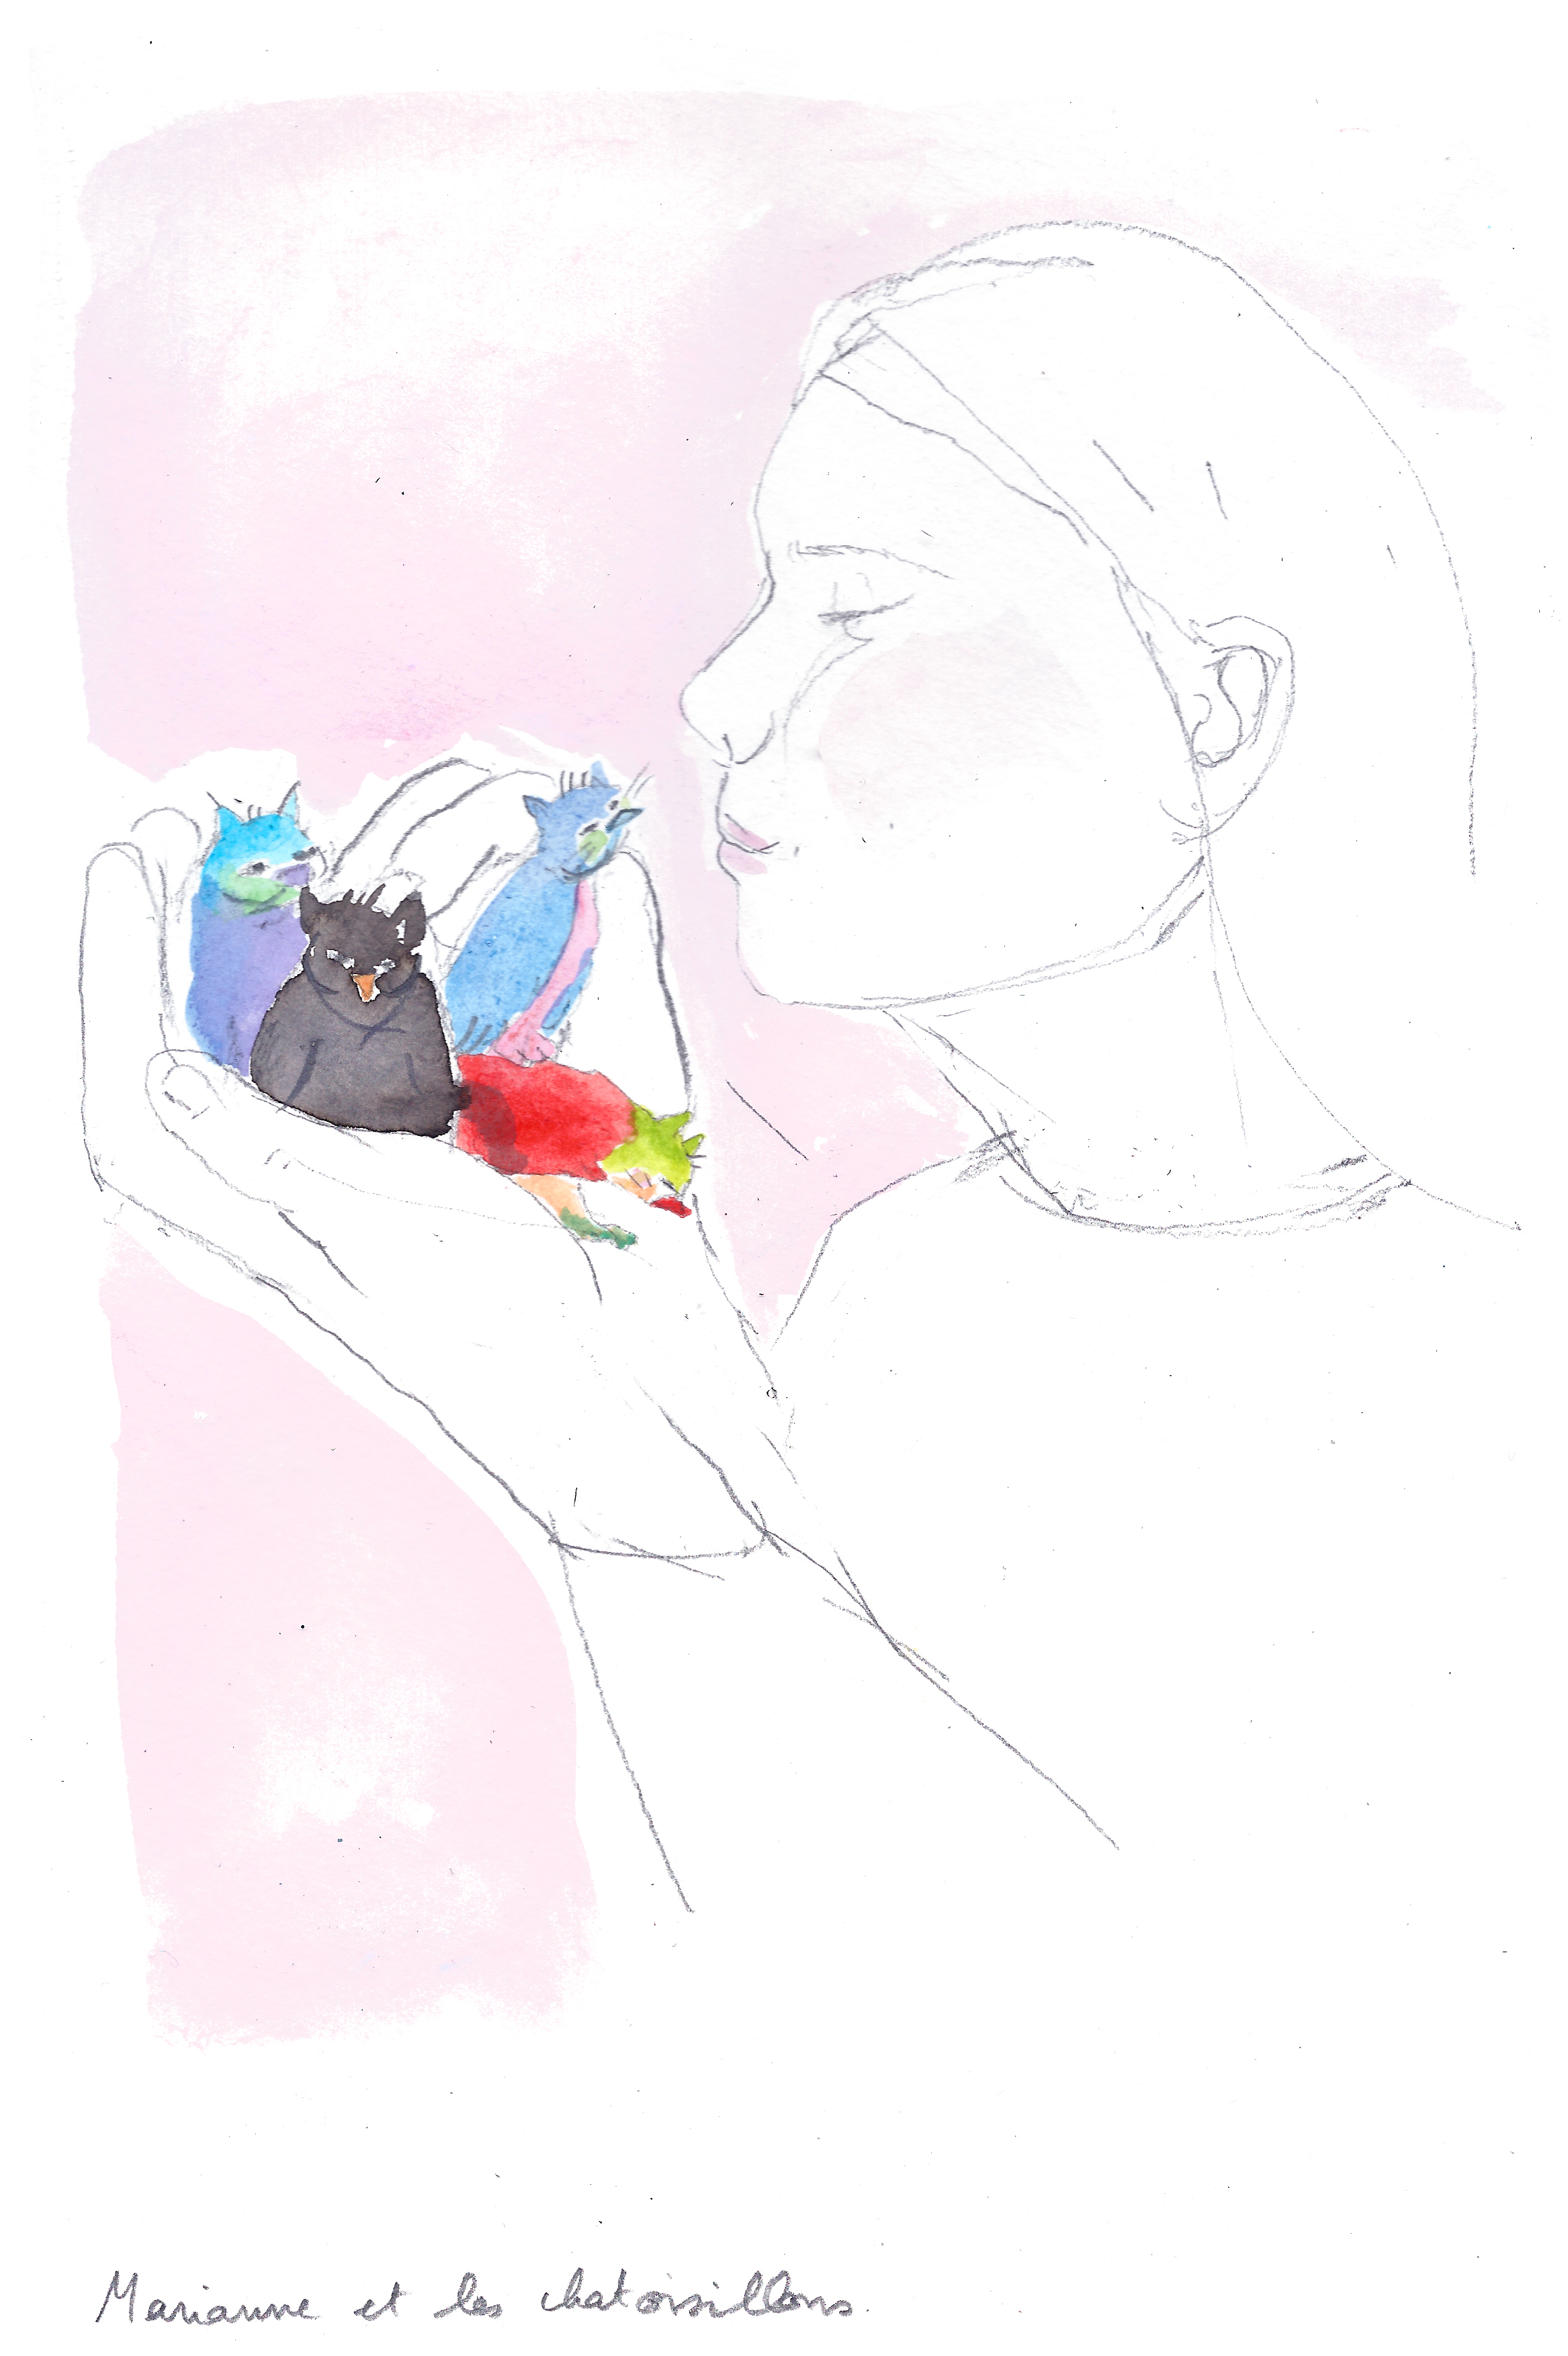 Marianne et les chatoisillons